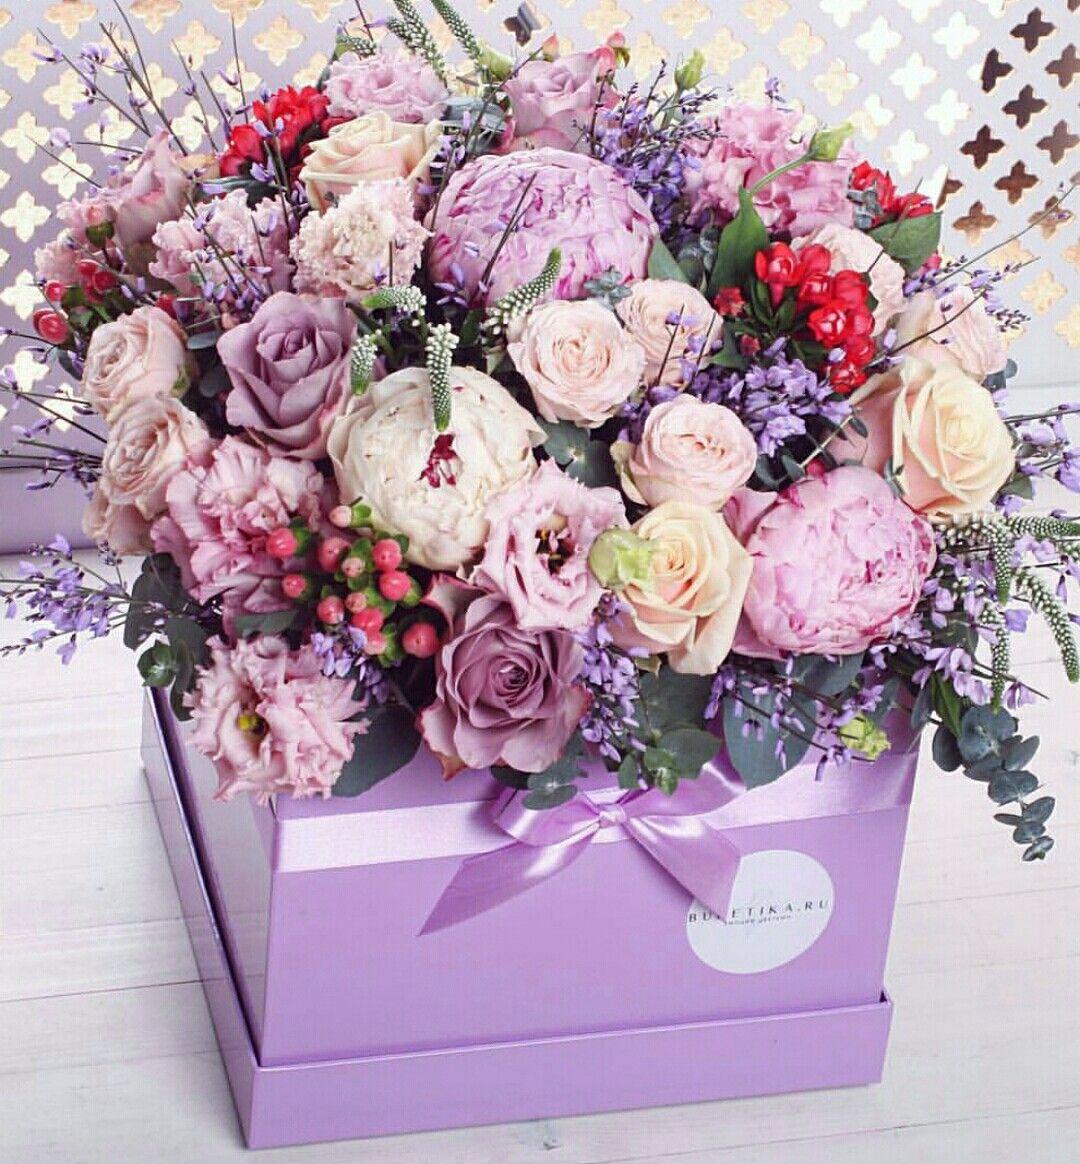 с днем рождения картинки цветы в коробке или пелингас рыба